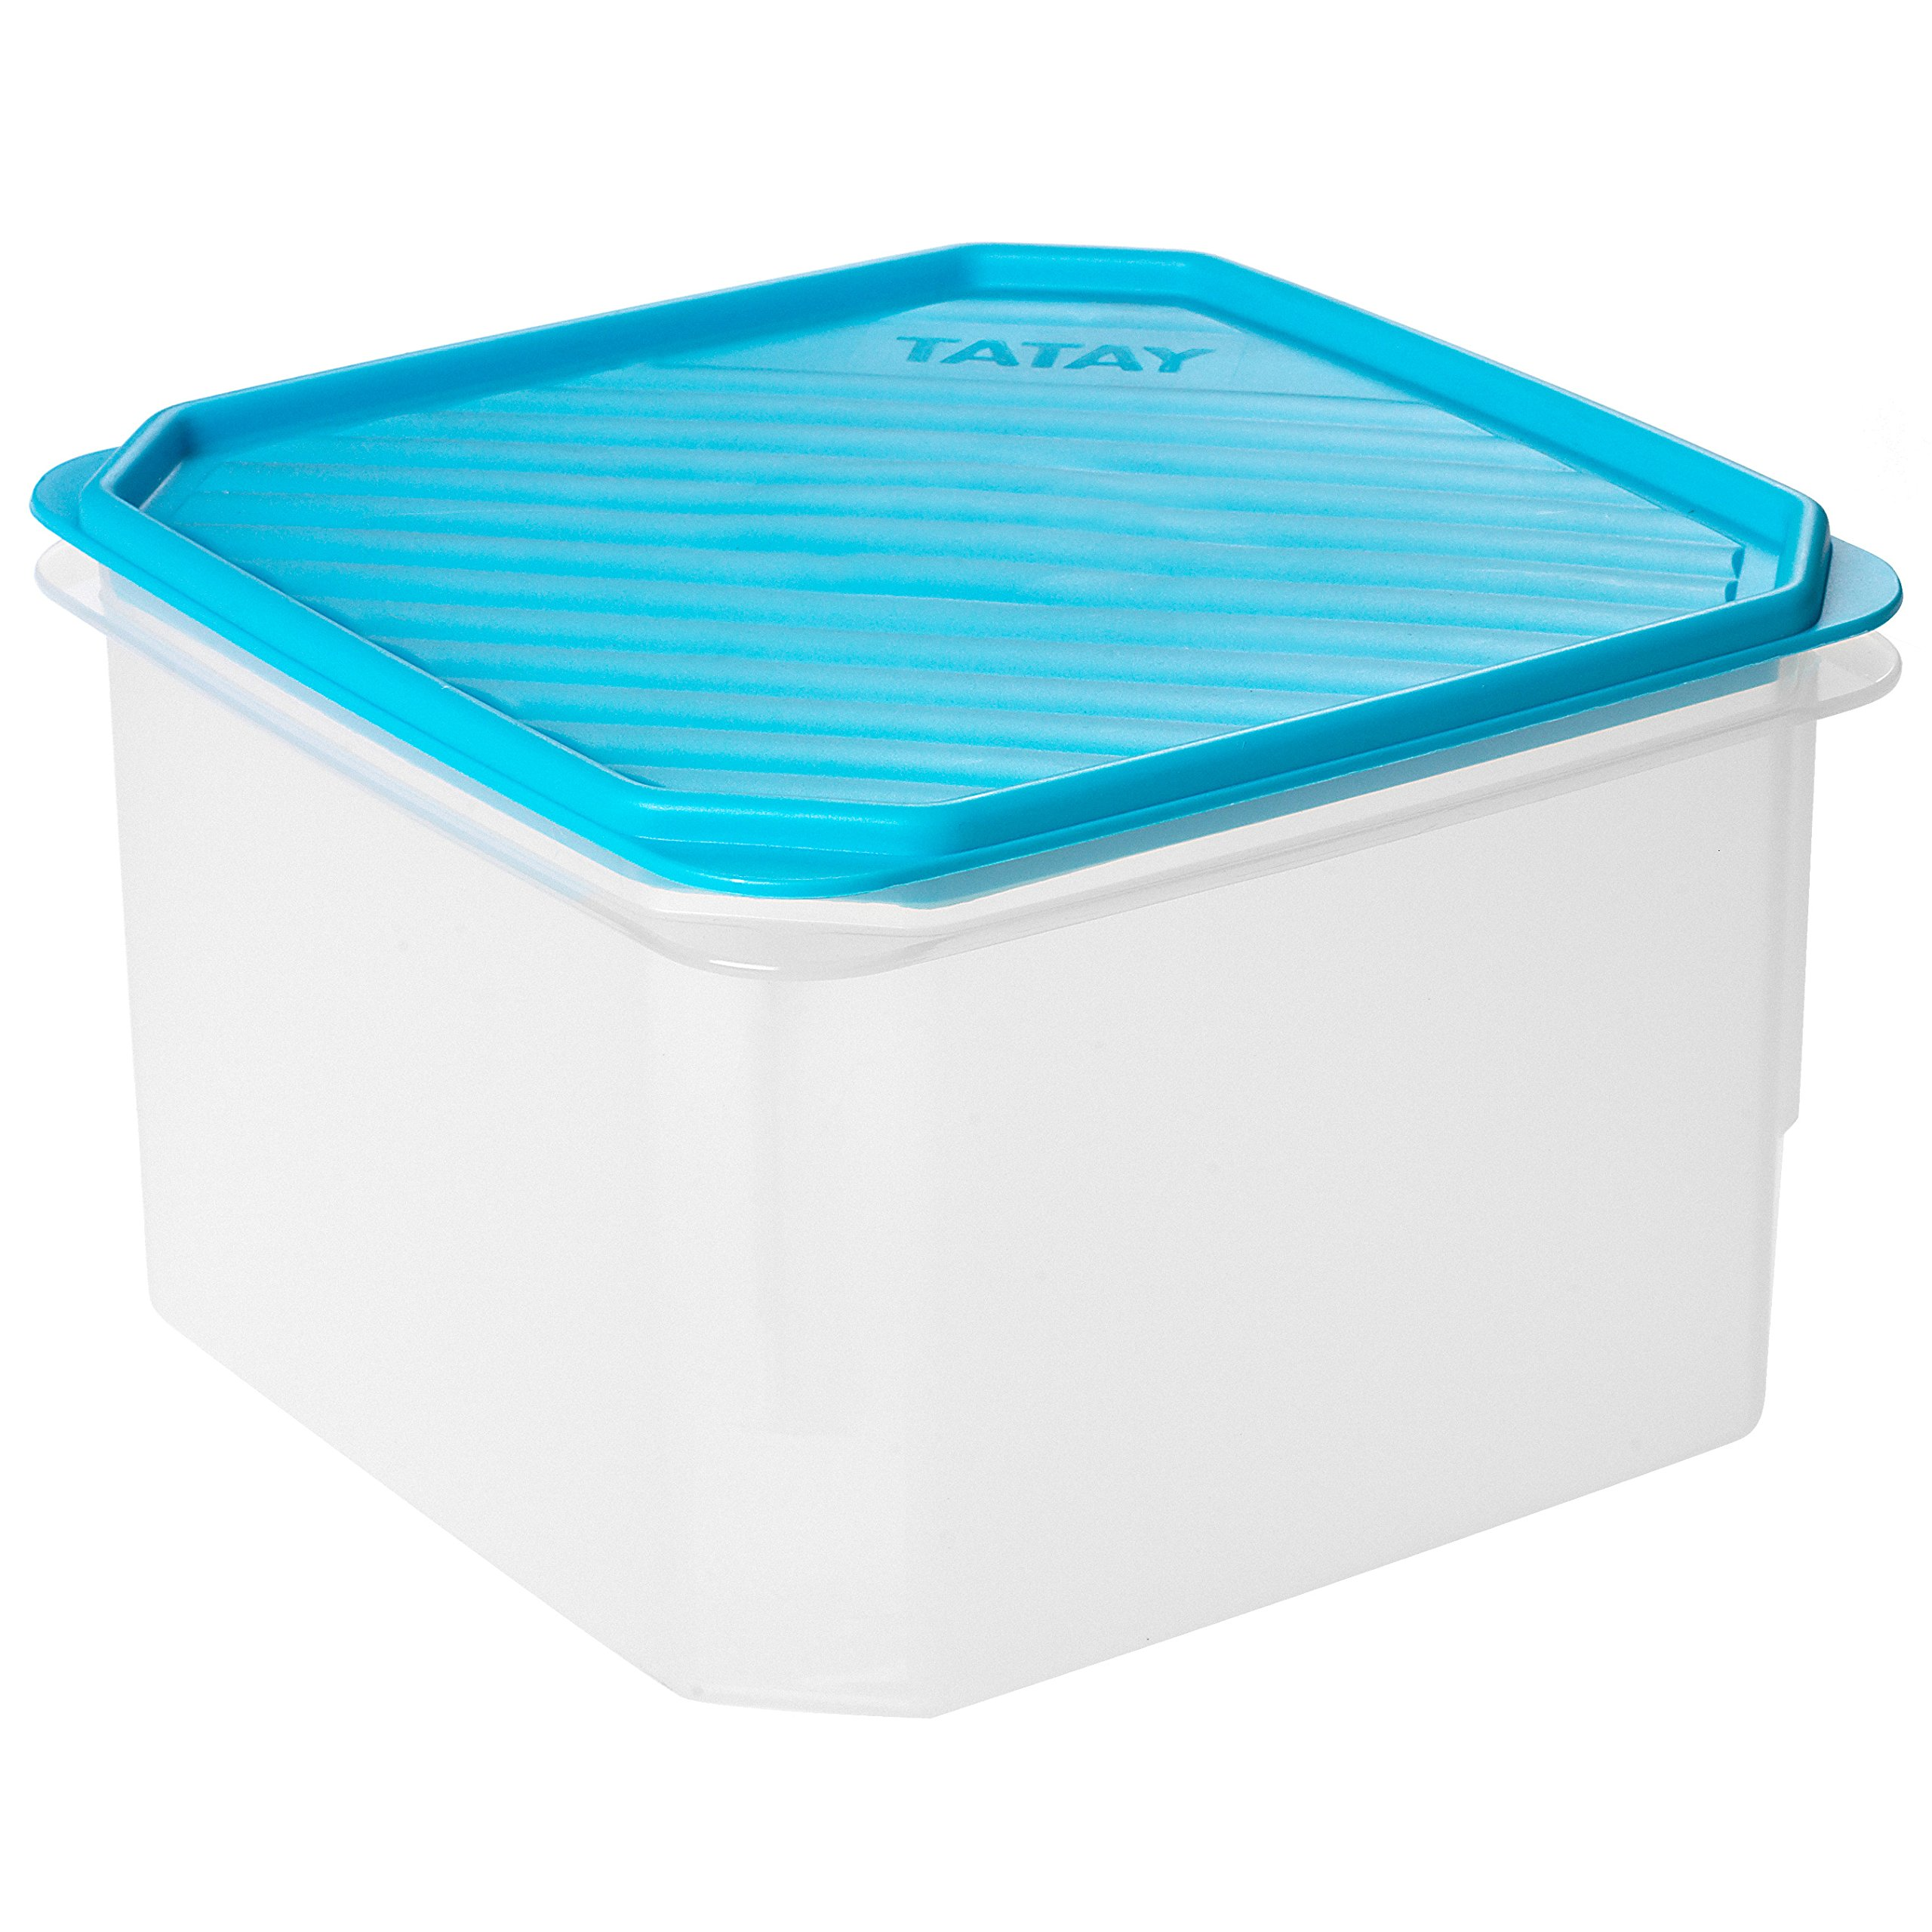 TATAY–Caja de conservación cuadrada 2,9L 18,5x 18,5x 12,3cm, plástico